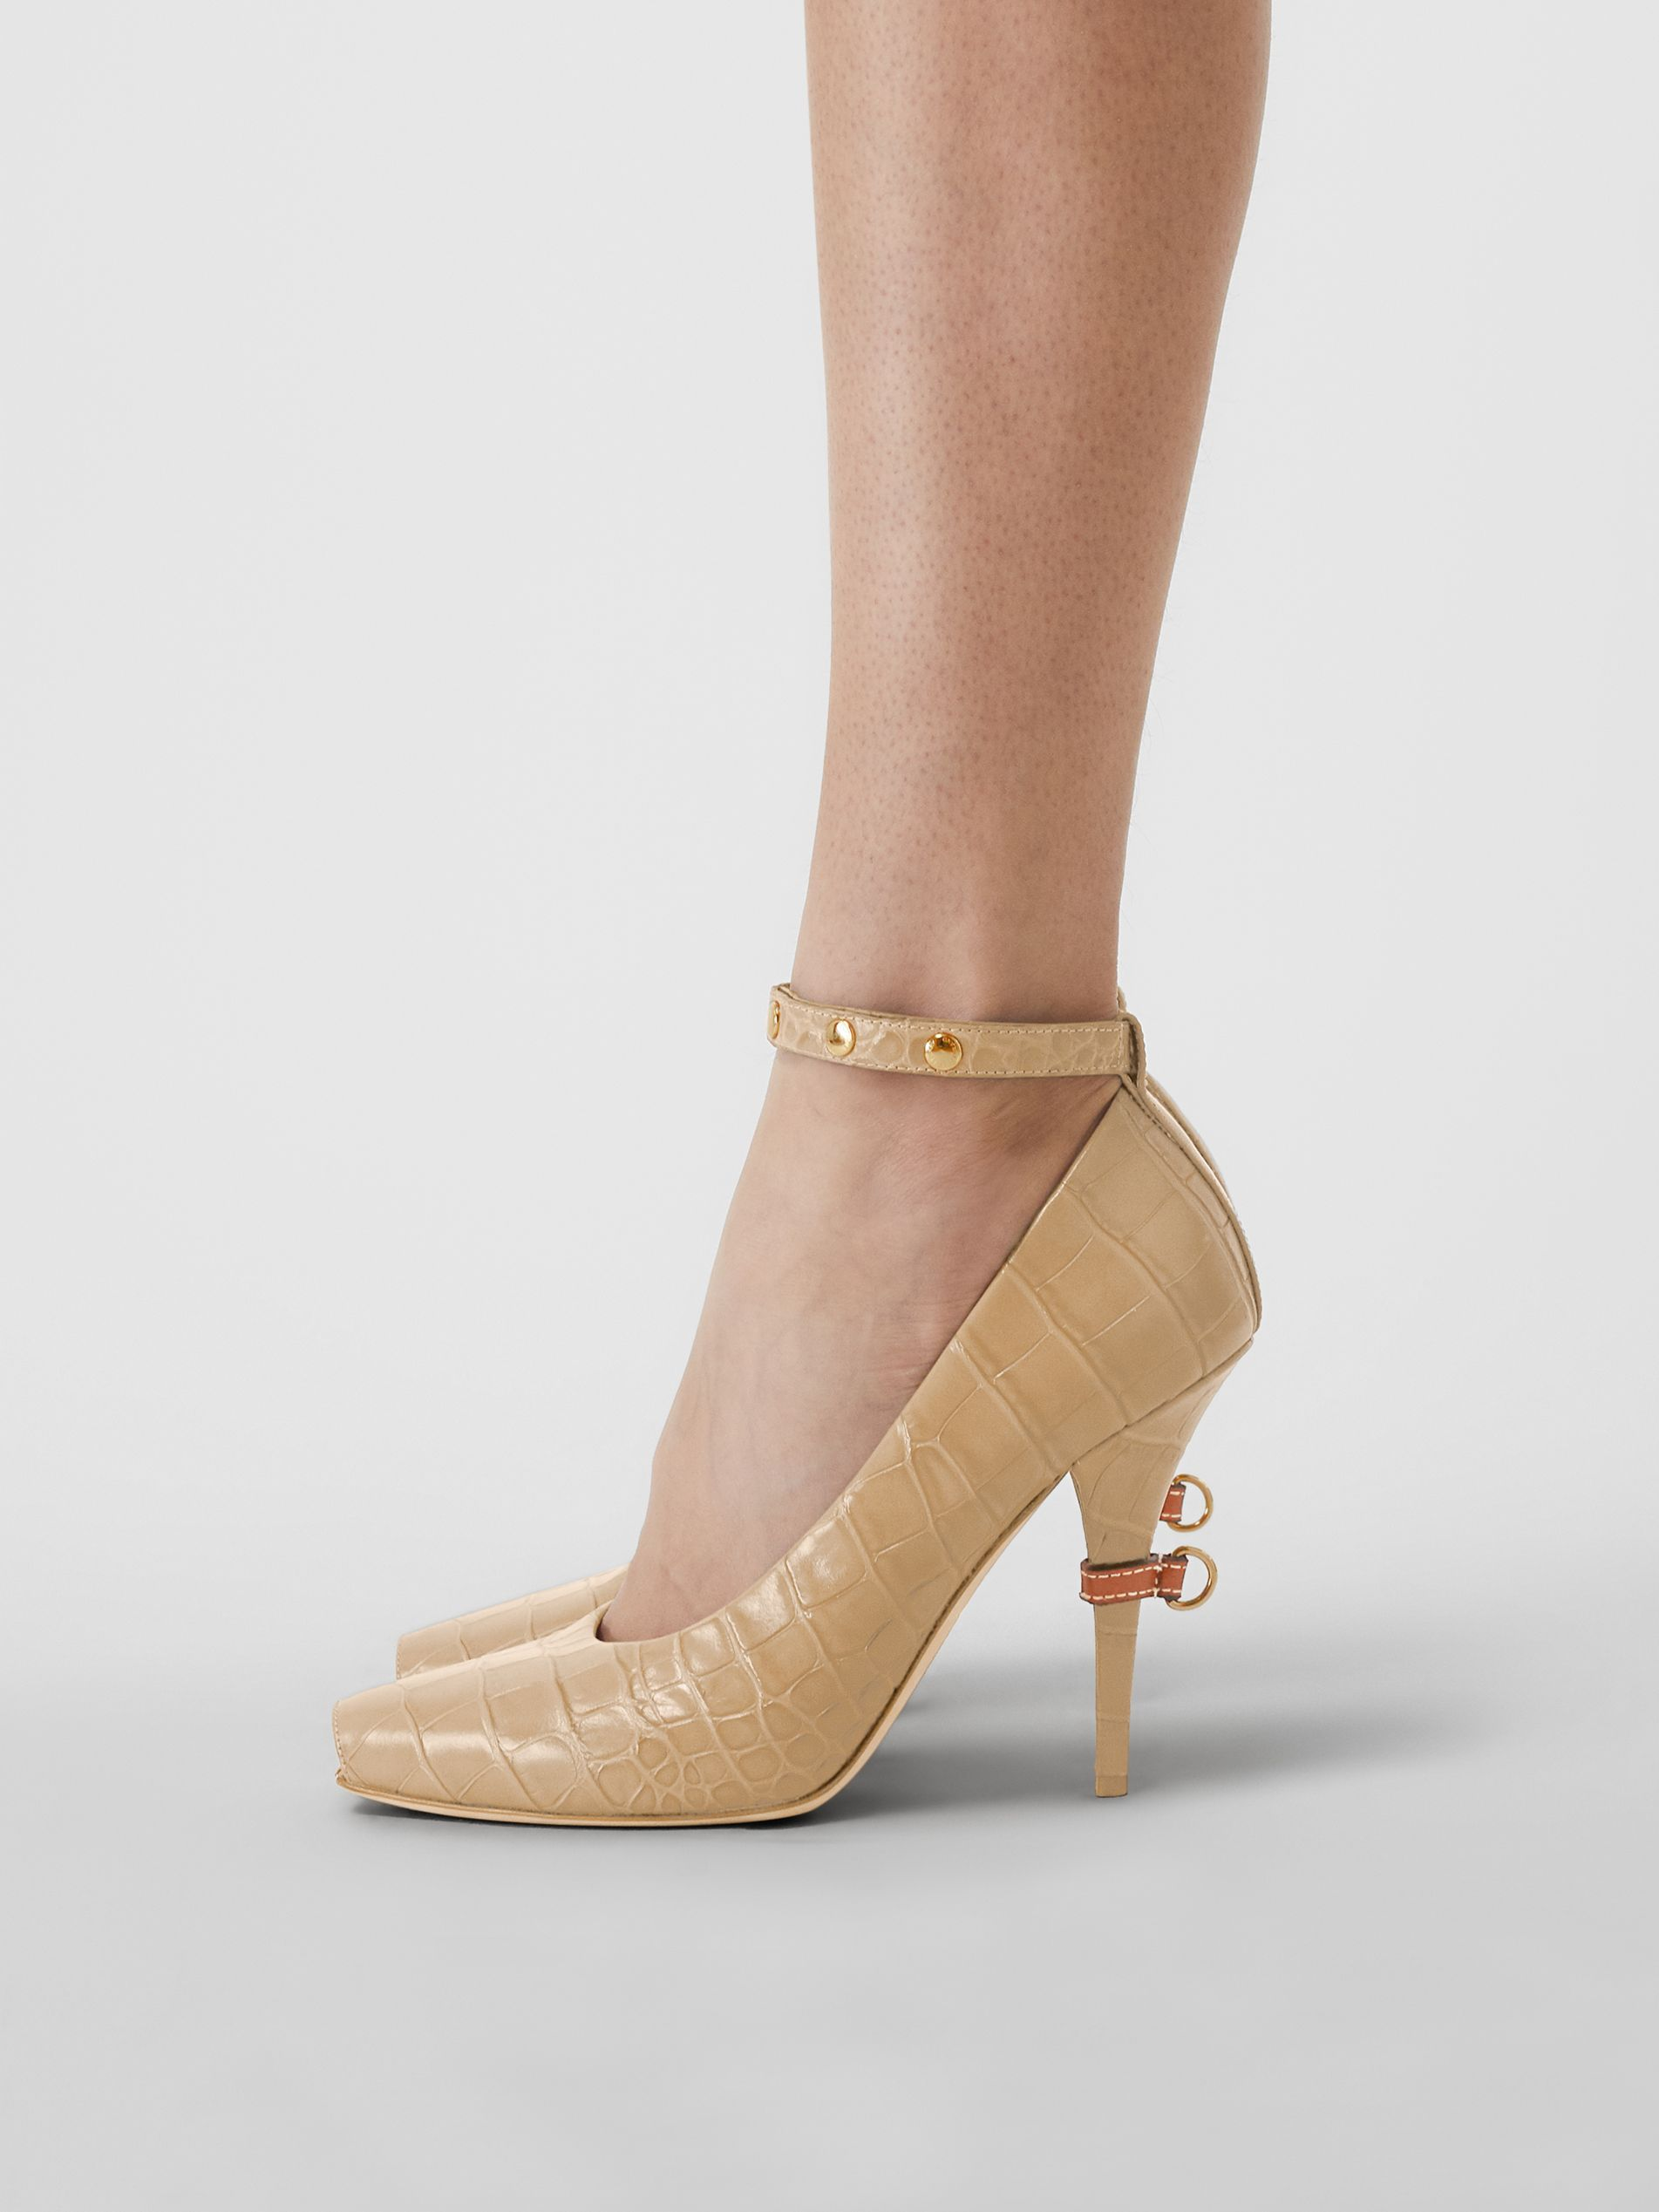 鳄鱼皮男士包_D 型环压花皮革鱼口高跟鞋 (深蜂蜜色) - 女士 | Burberry 博柏利